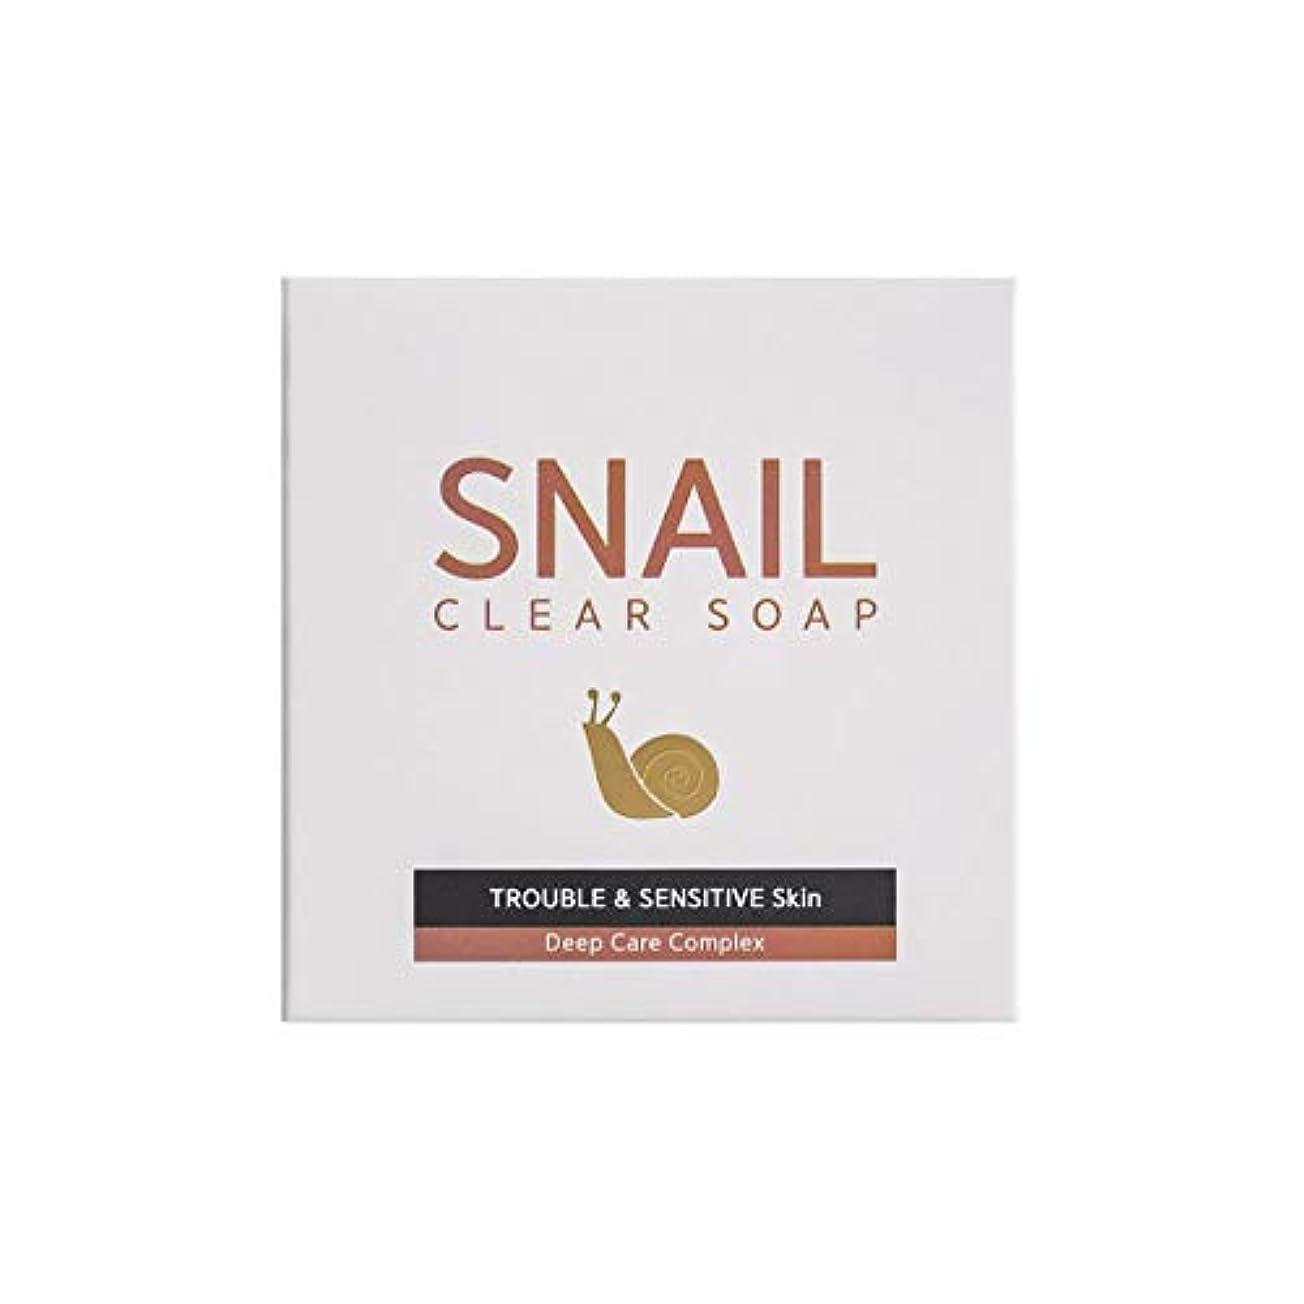 ライター寄生虫たるみ[RNT International] YUNE25 Snail Clear Soap クリア ソープ 固形 せっけん [並行輸入品]